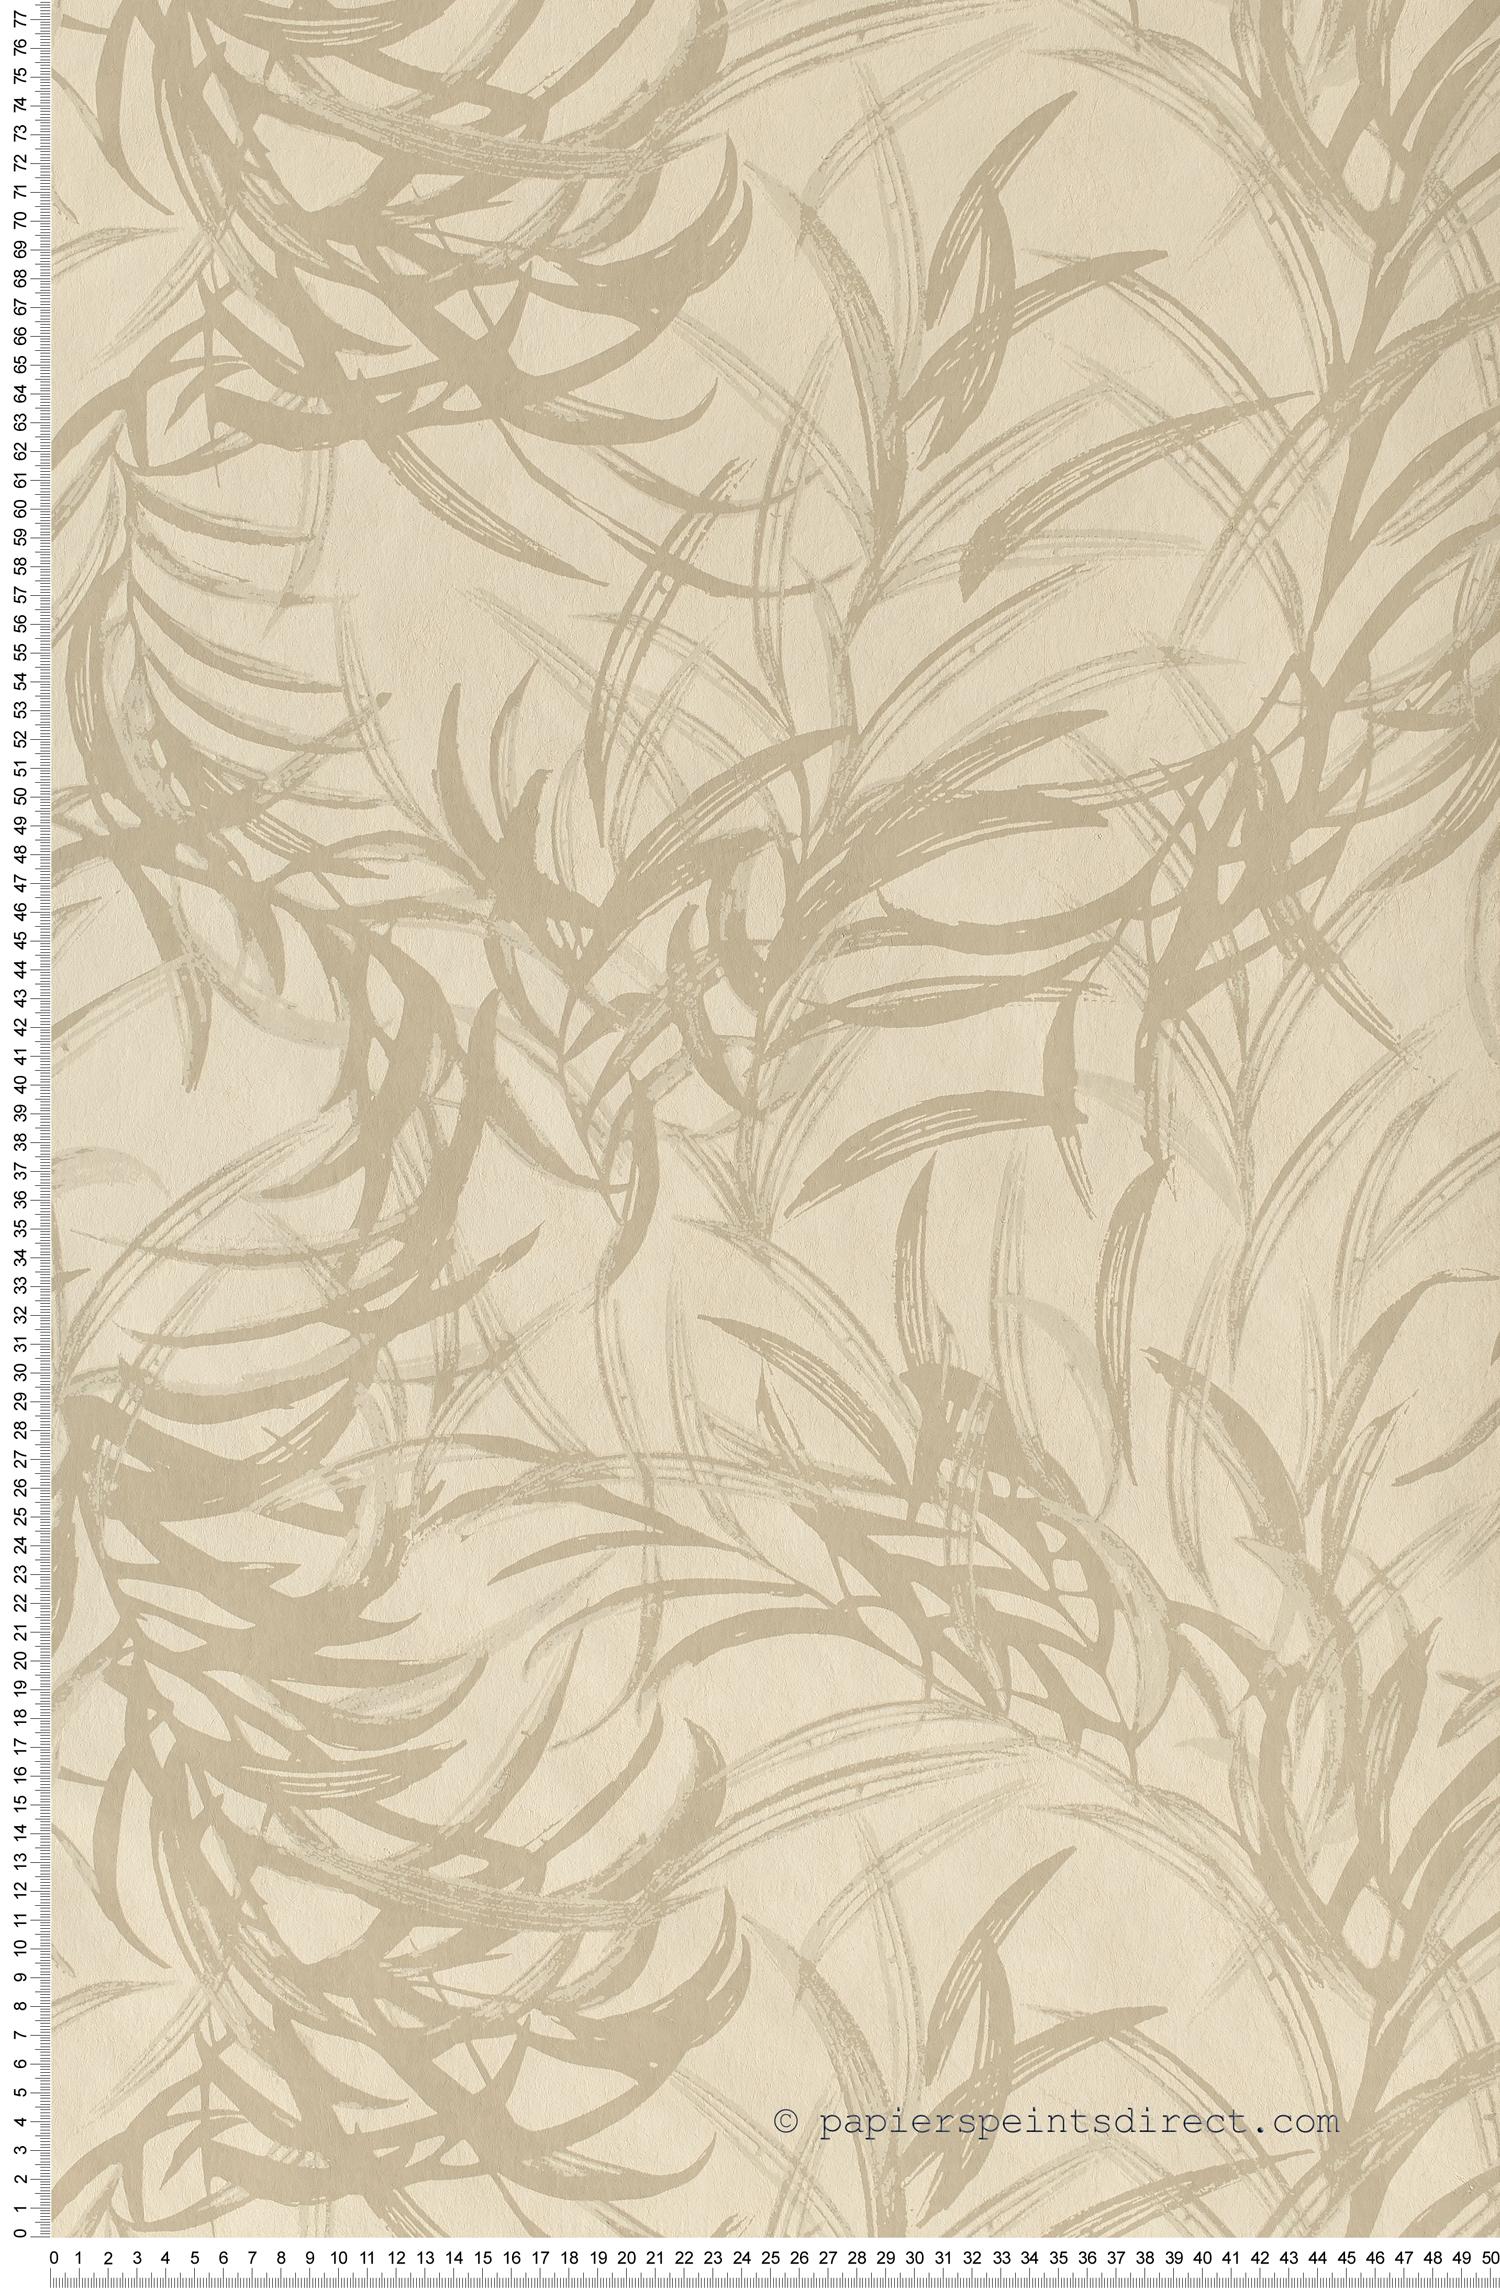 Feuilles bambous beiges - Papier peint Jardin d'hiver de Montecolino